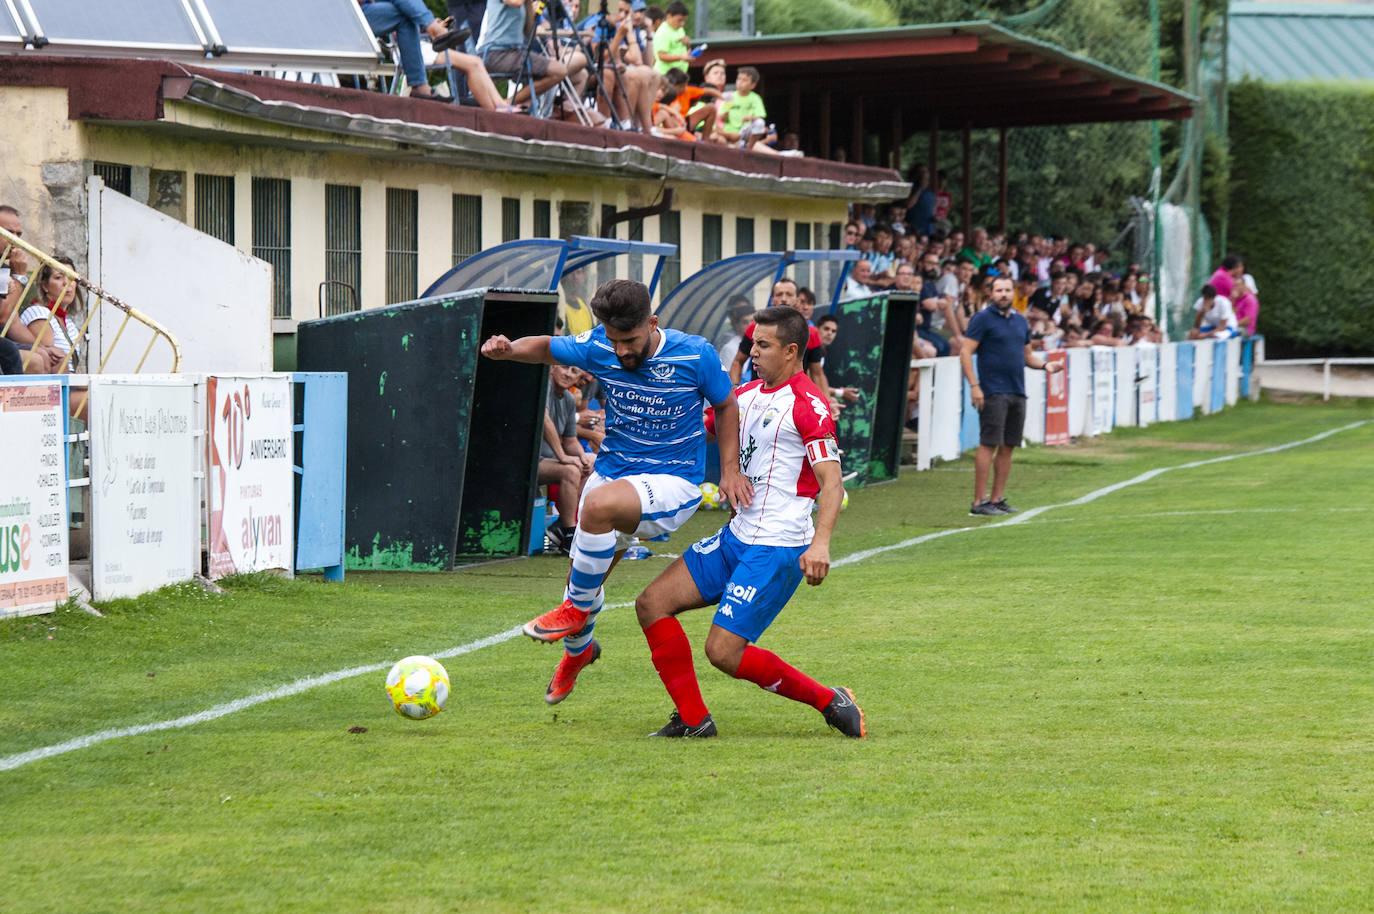 Partido entre La Granja y el Atlético Tordesillas